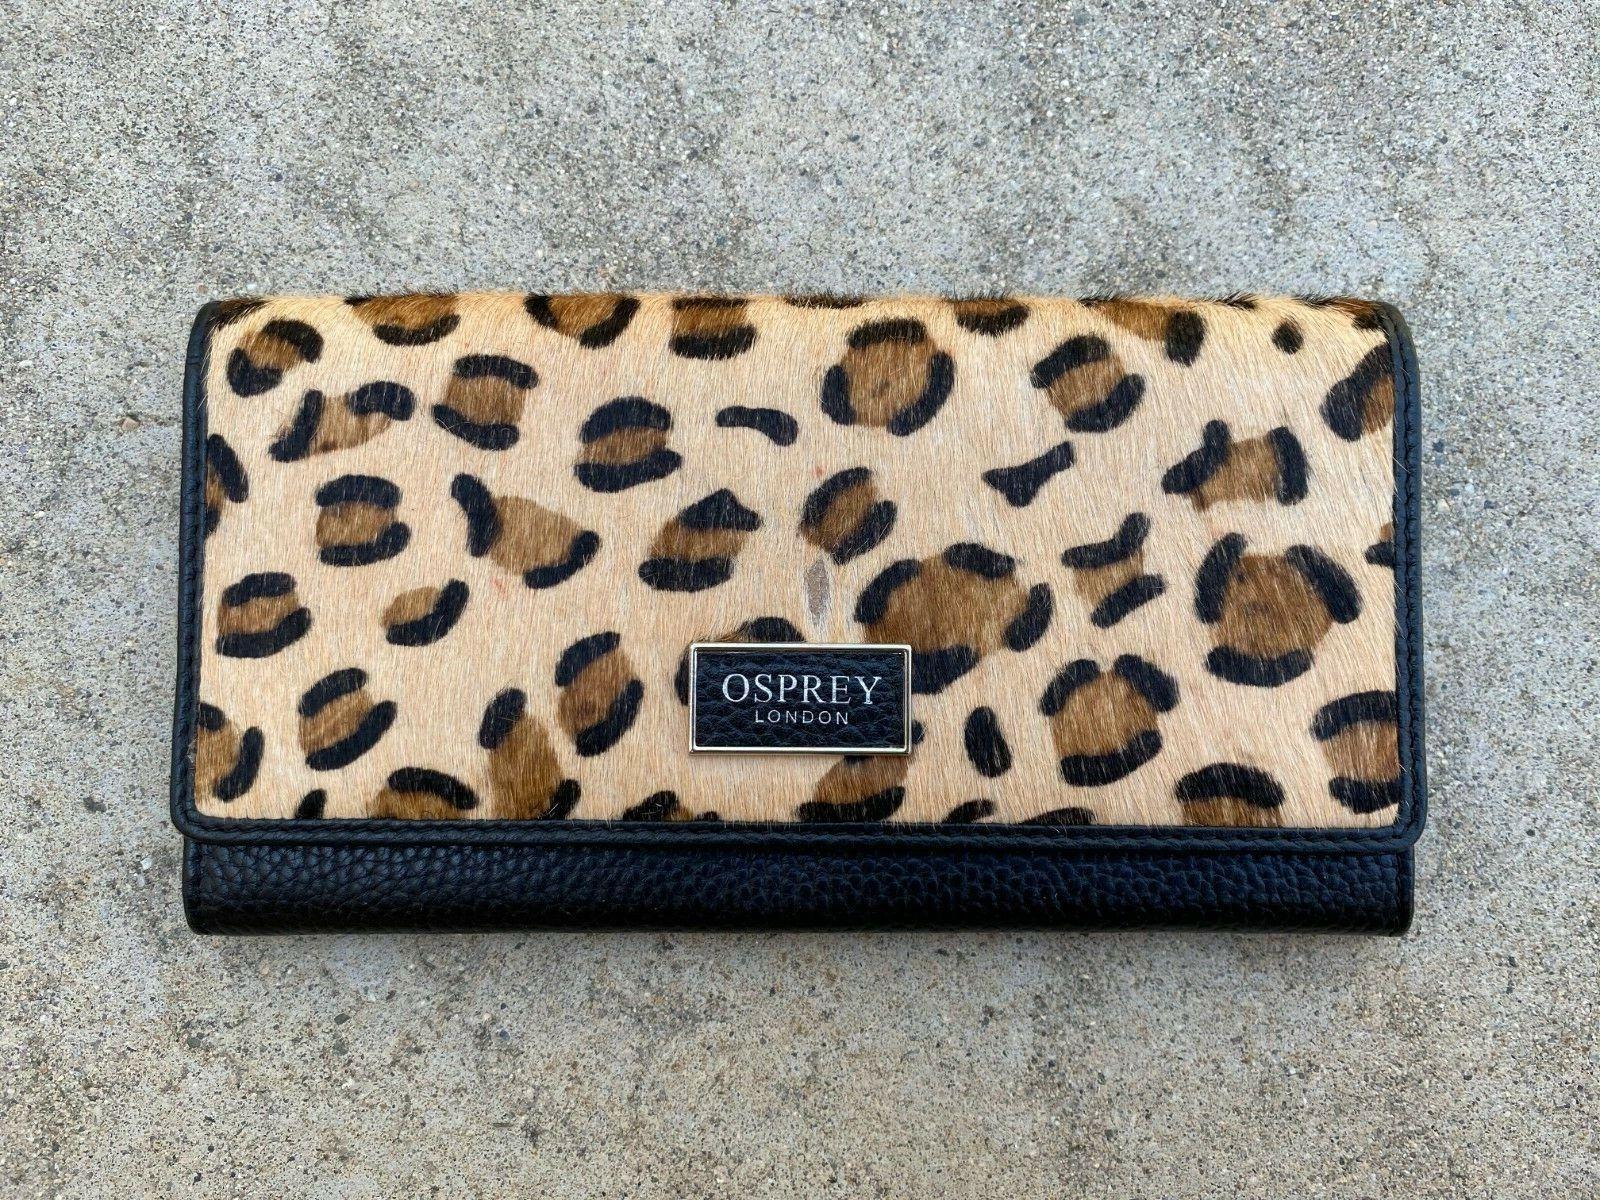 OSPREY LONDON Women's Leopard Julia Bi Fold Calf Hair Leather Wallet Clutch